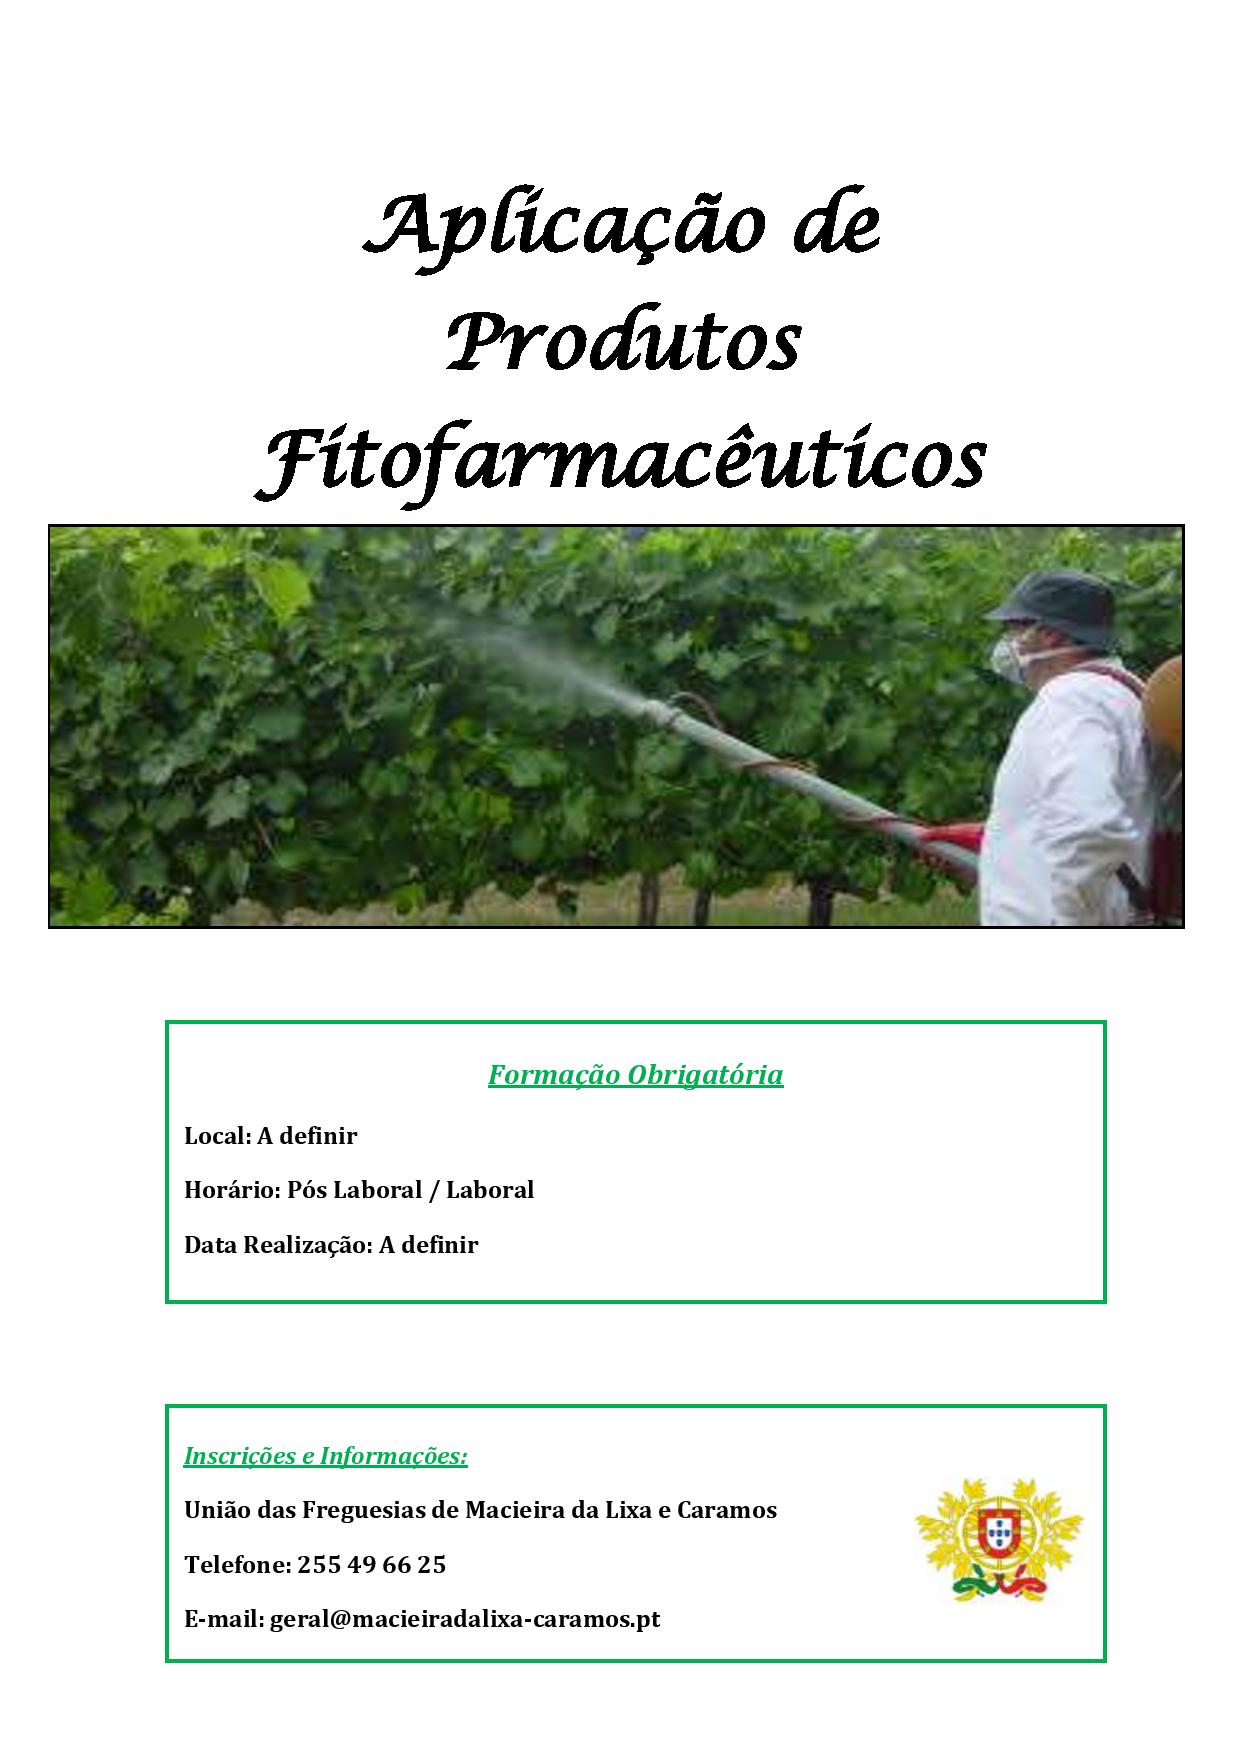 Aplicação de produtos-page-001